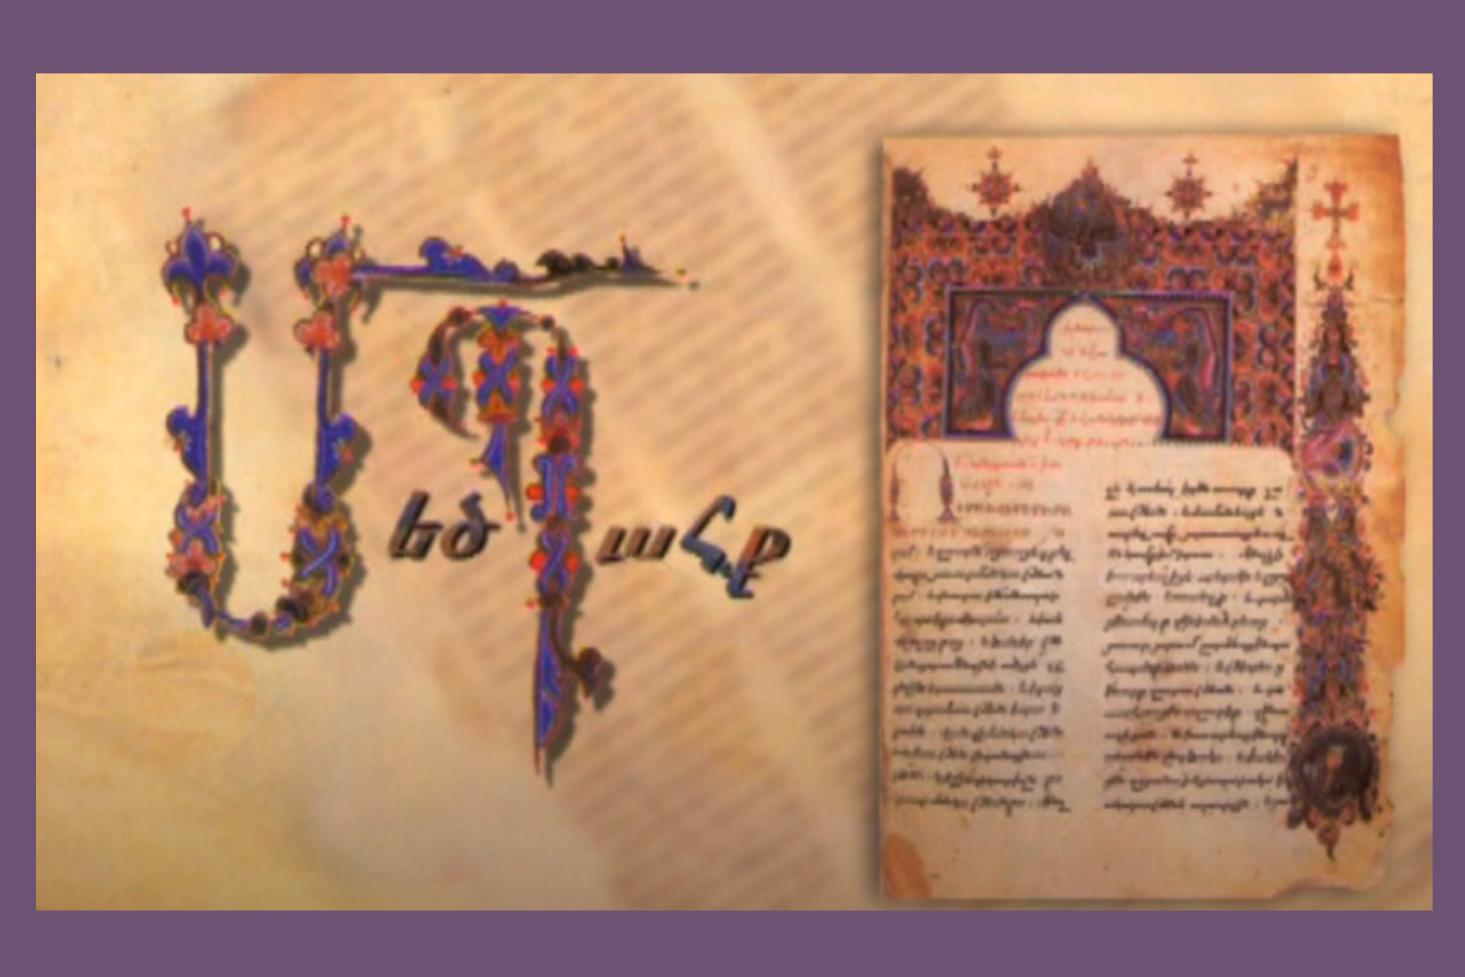 Մեծ Պահքի շրջանի հոգևոր խորհրդածություններ